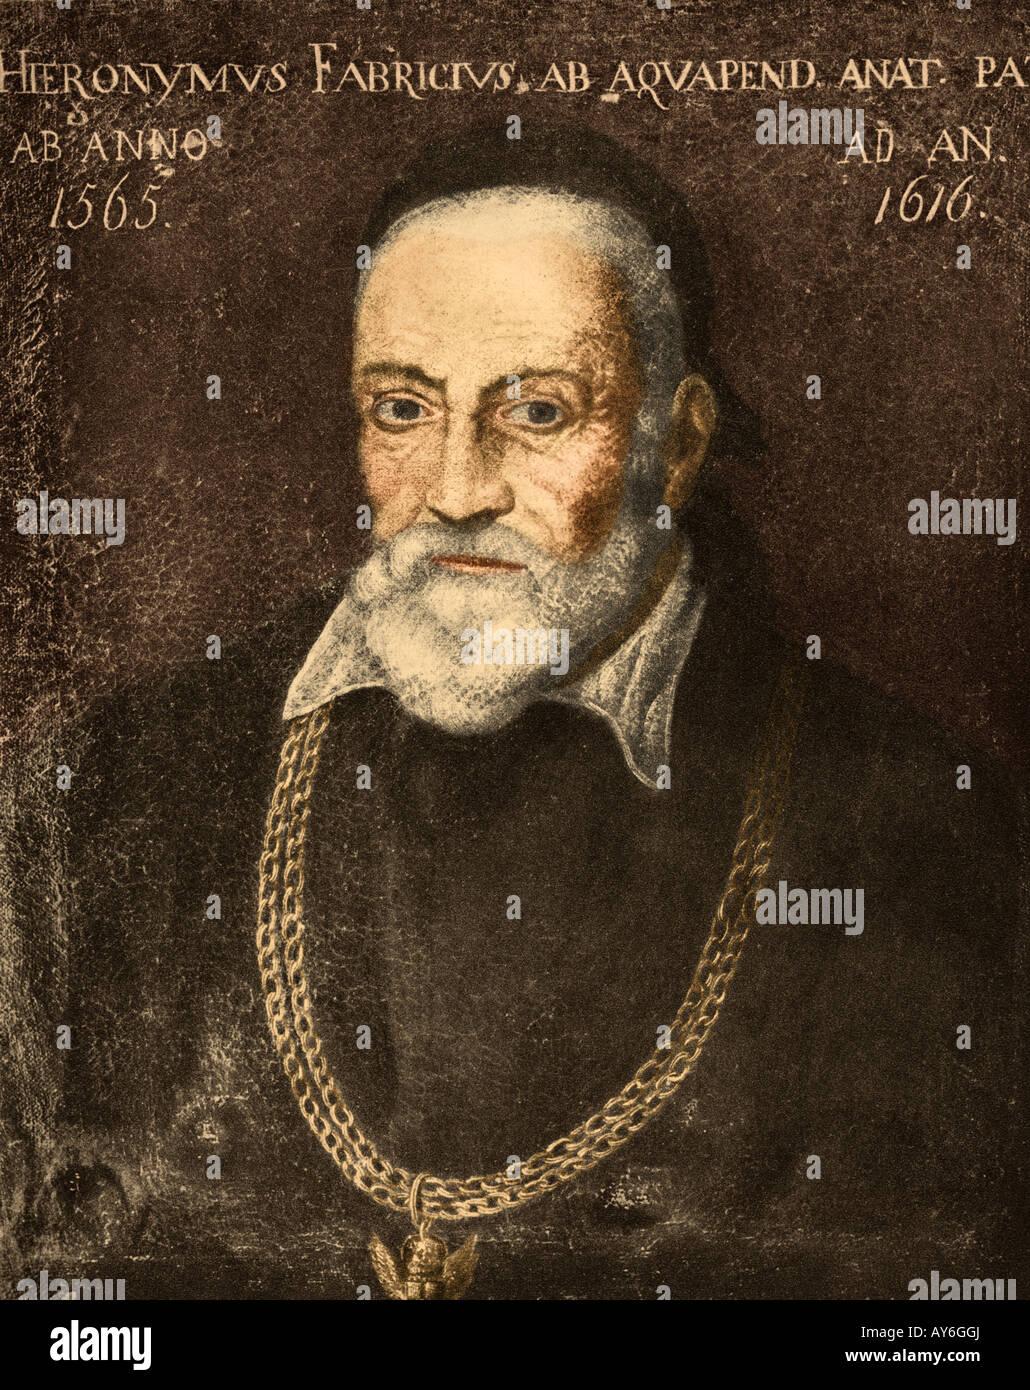 Hieronymus Fabricius anatomiste italien. Photo Stock